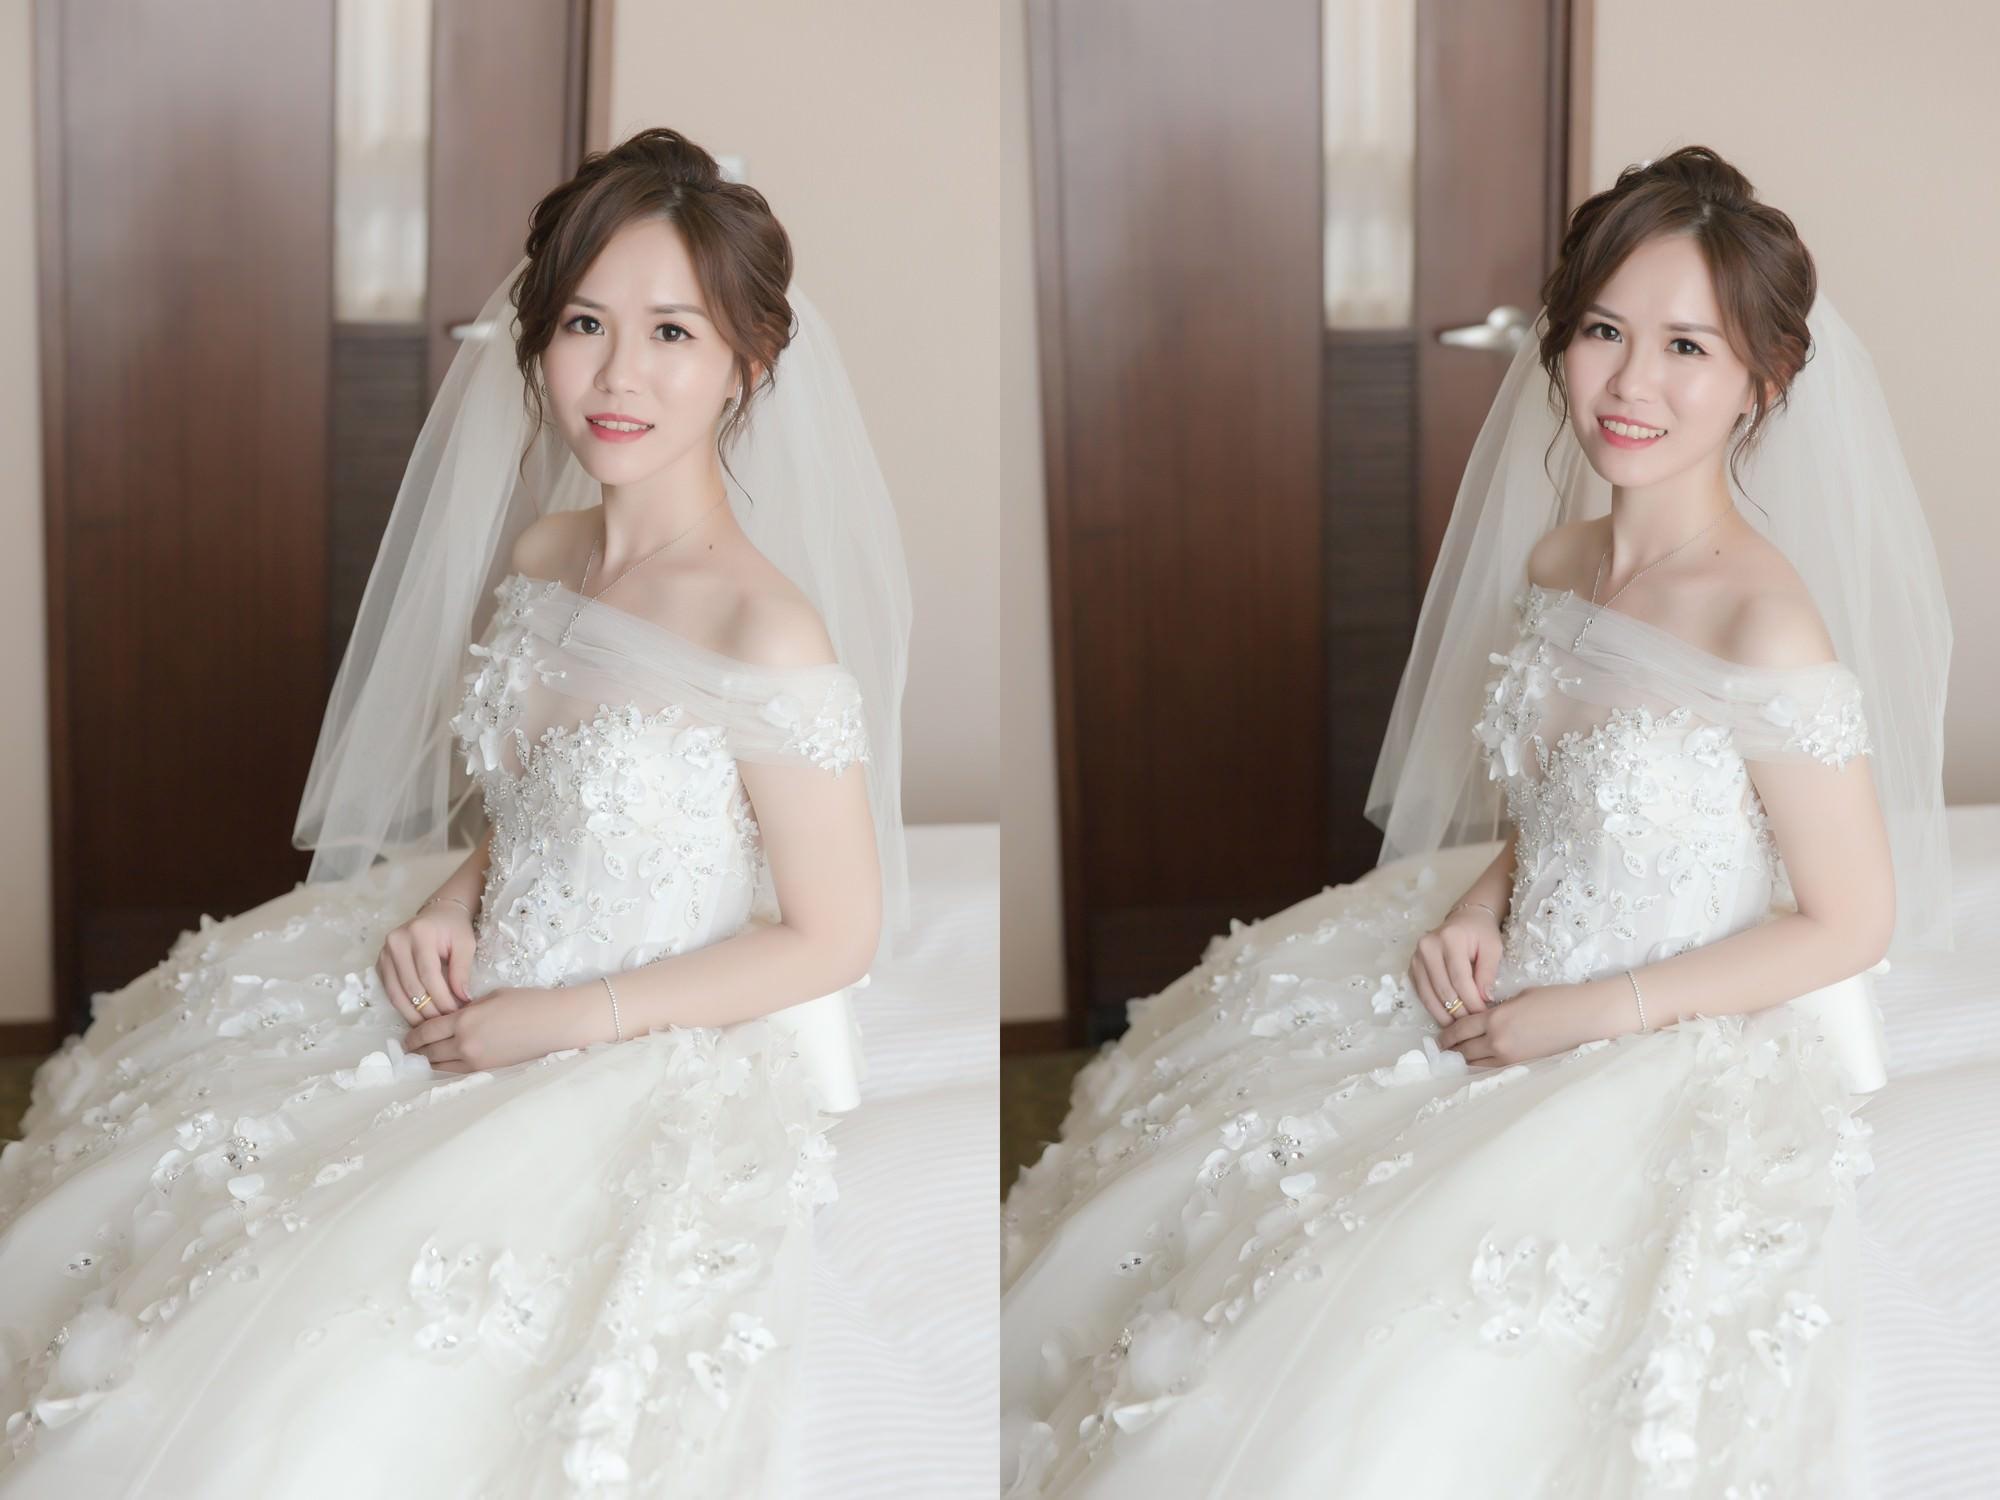 新娘秘書,新秘,新娘造型, 桃園新秘,白紗禮服,白紗造型|新娘髮型,盤髮造型,編髮造型,新娘妝容|新秘Yuki